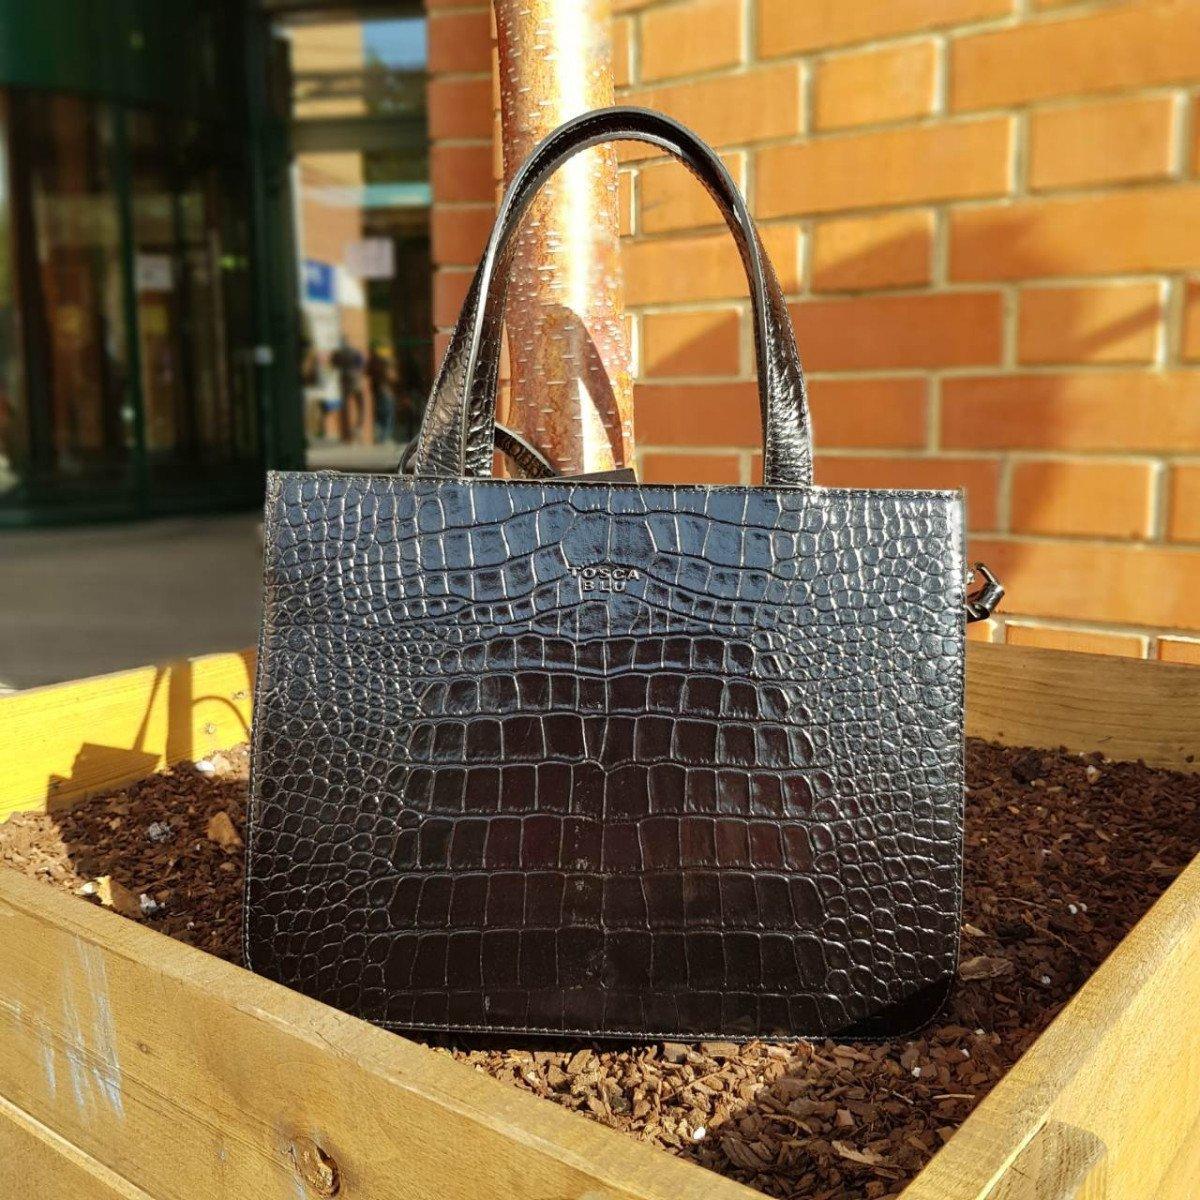 Женская кожаная сумка Tosca Blu TF19MB126 black croco из натуральной кожи